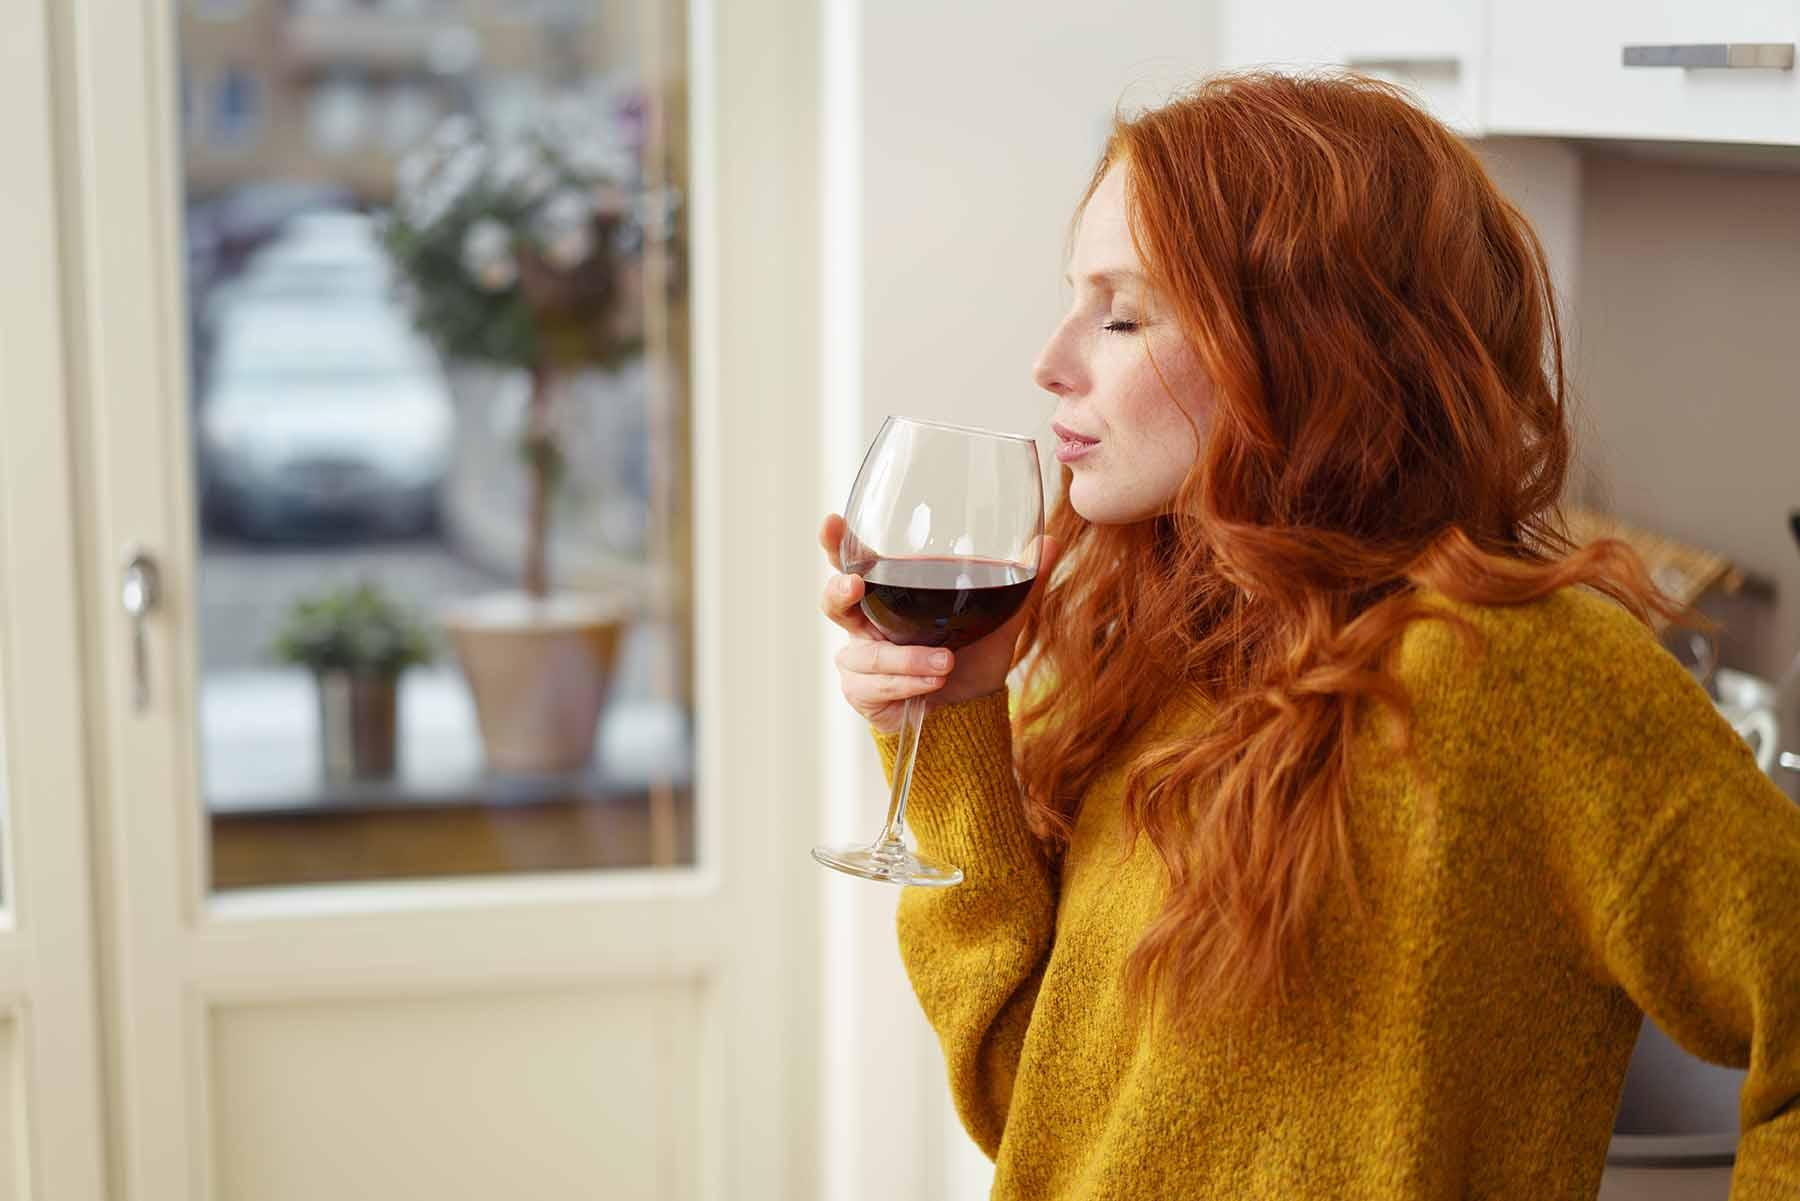 Femme buvant un verre AVEINE